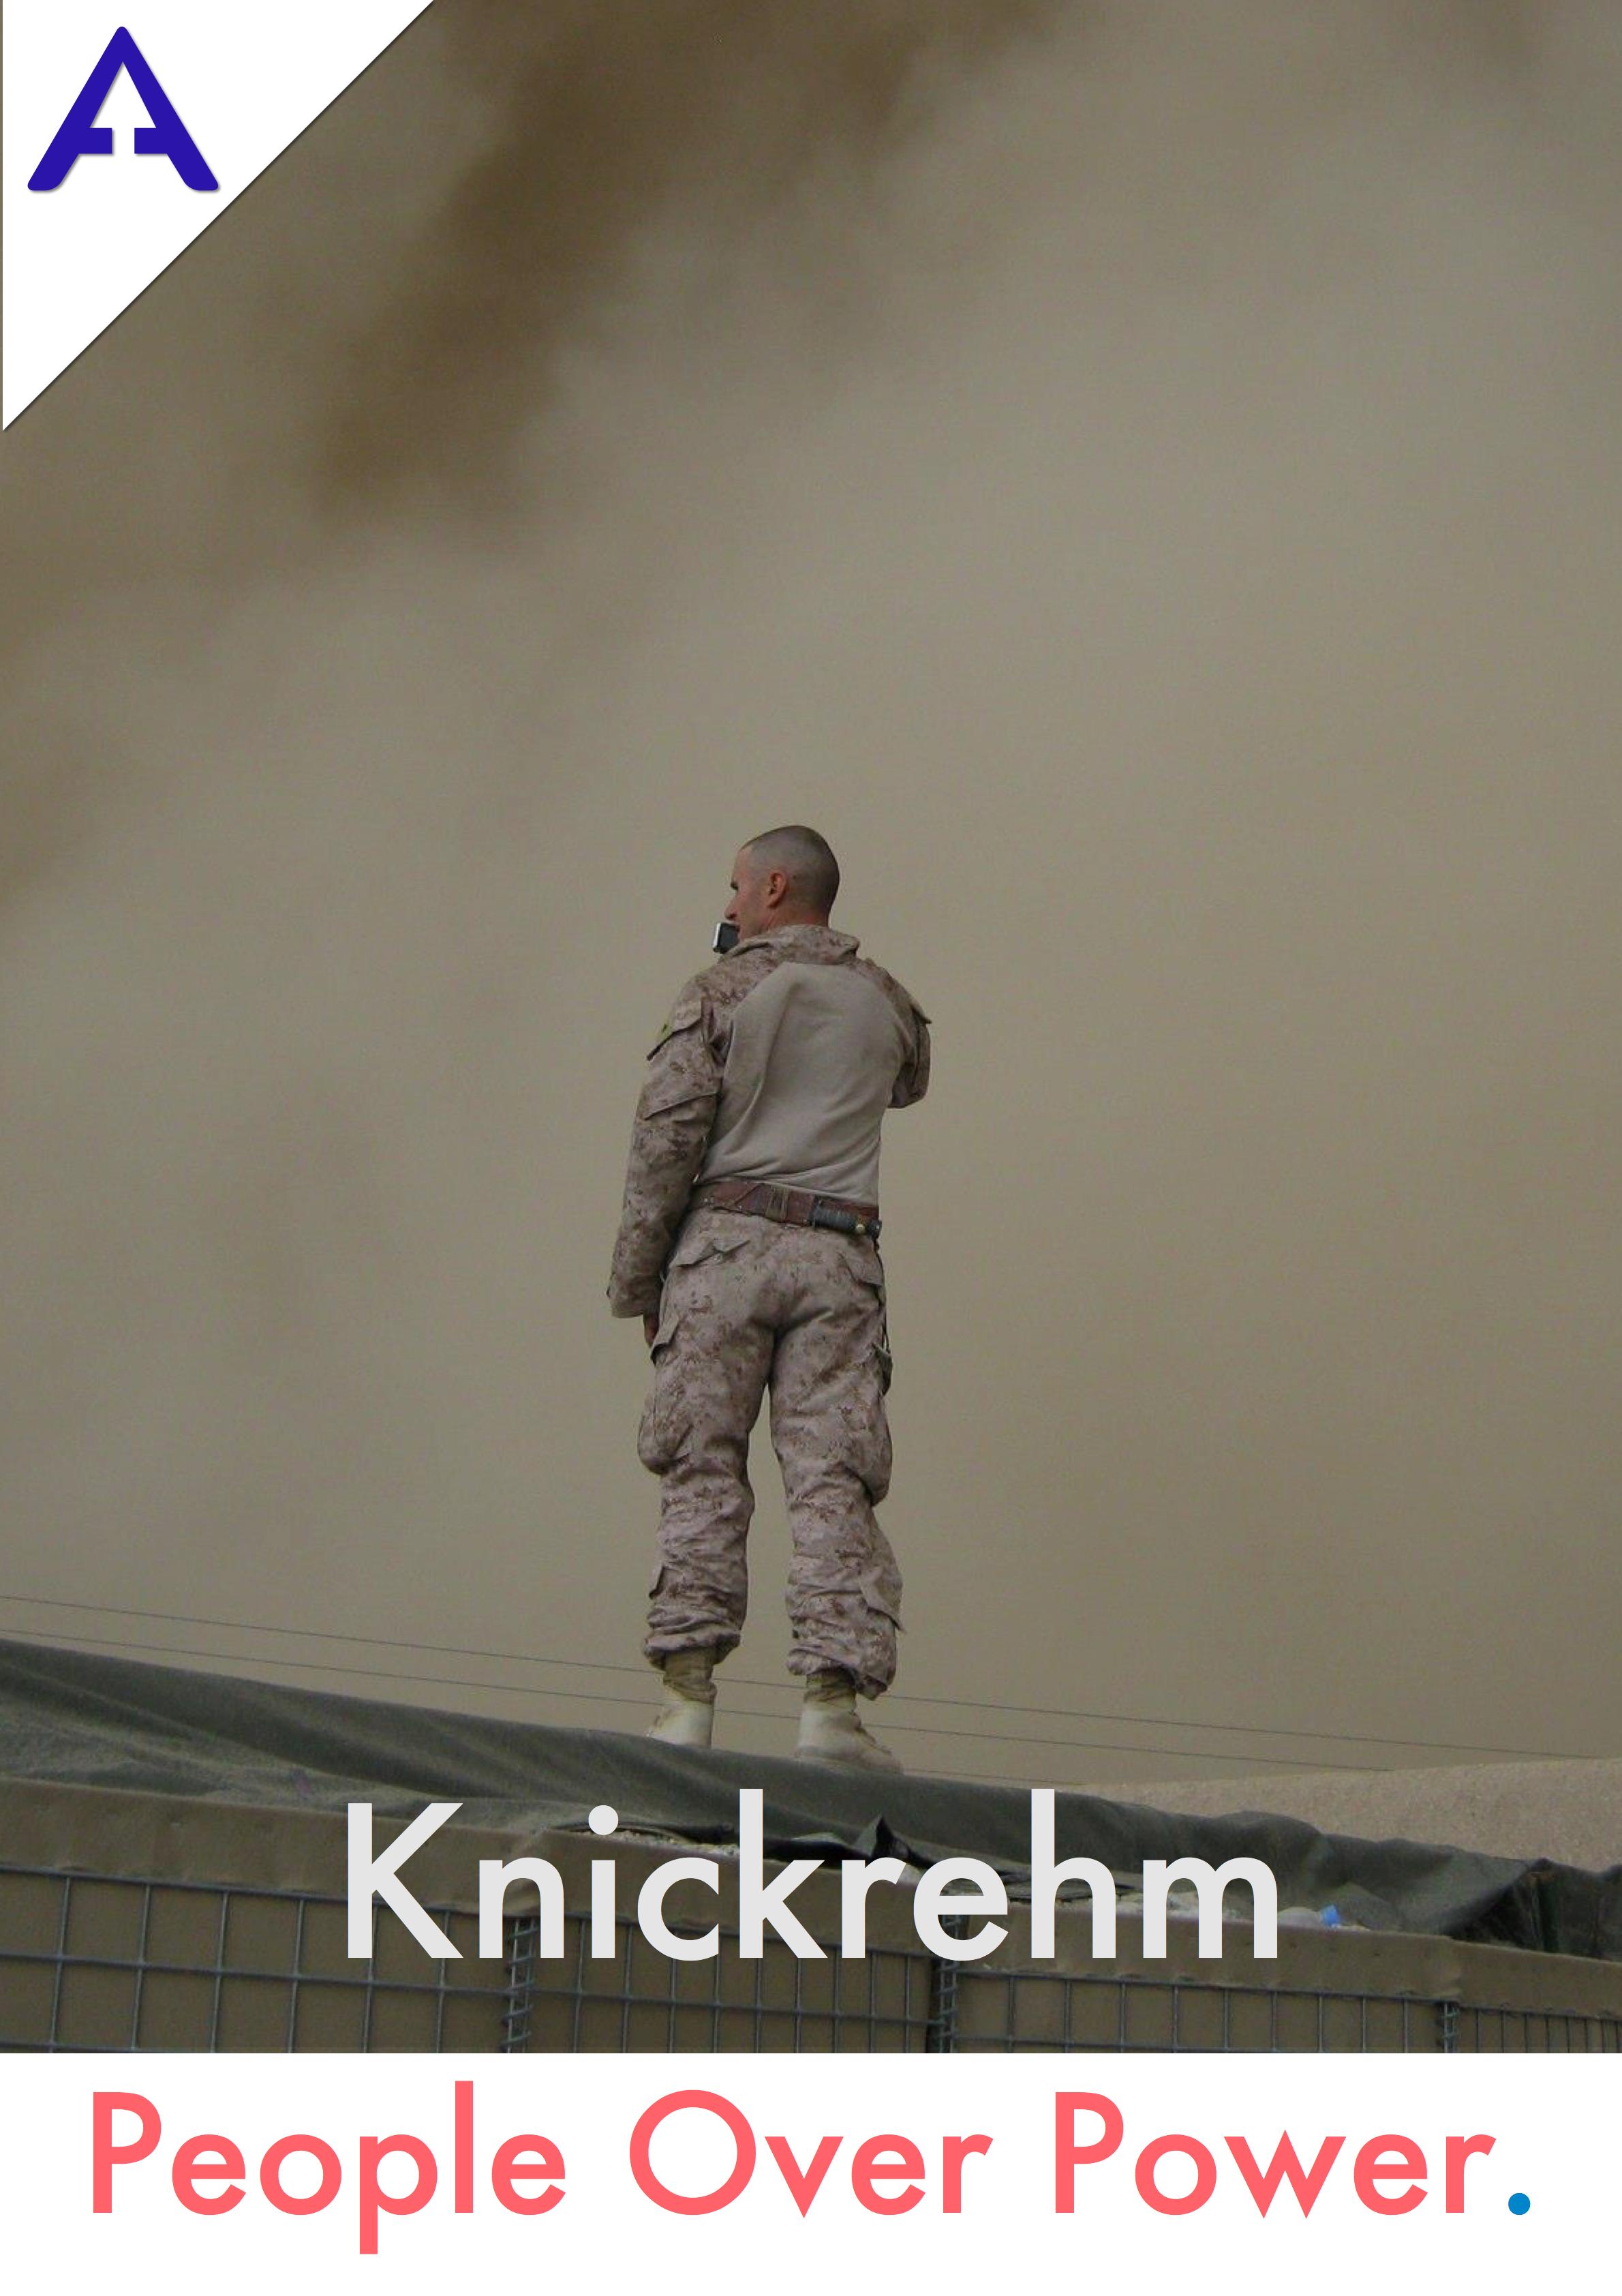 Knickrem Poster 1.png